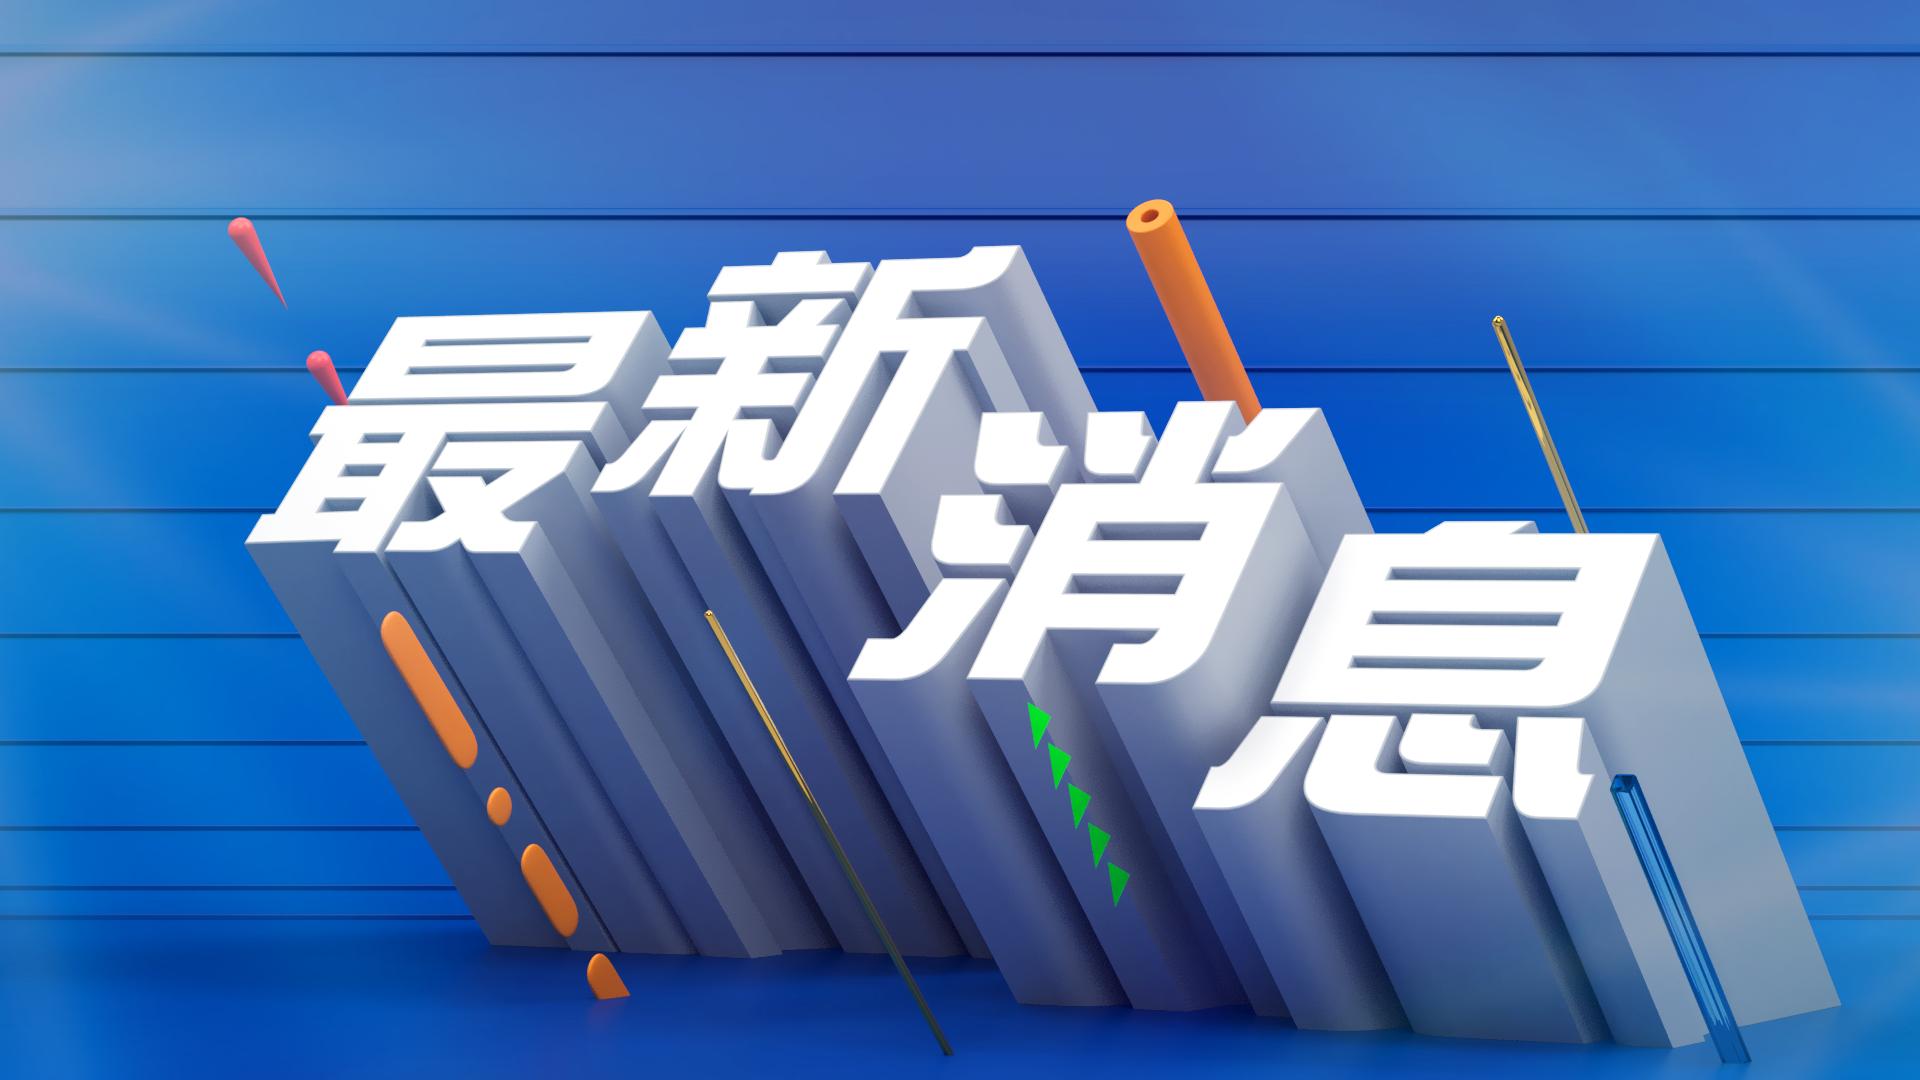 【11月12日交通消息】港鐵、巴士、電車最新安排 (2330)